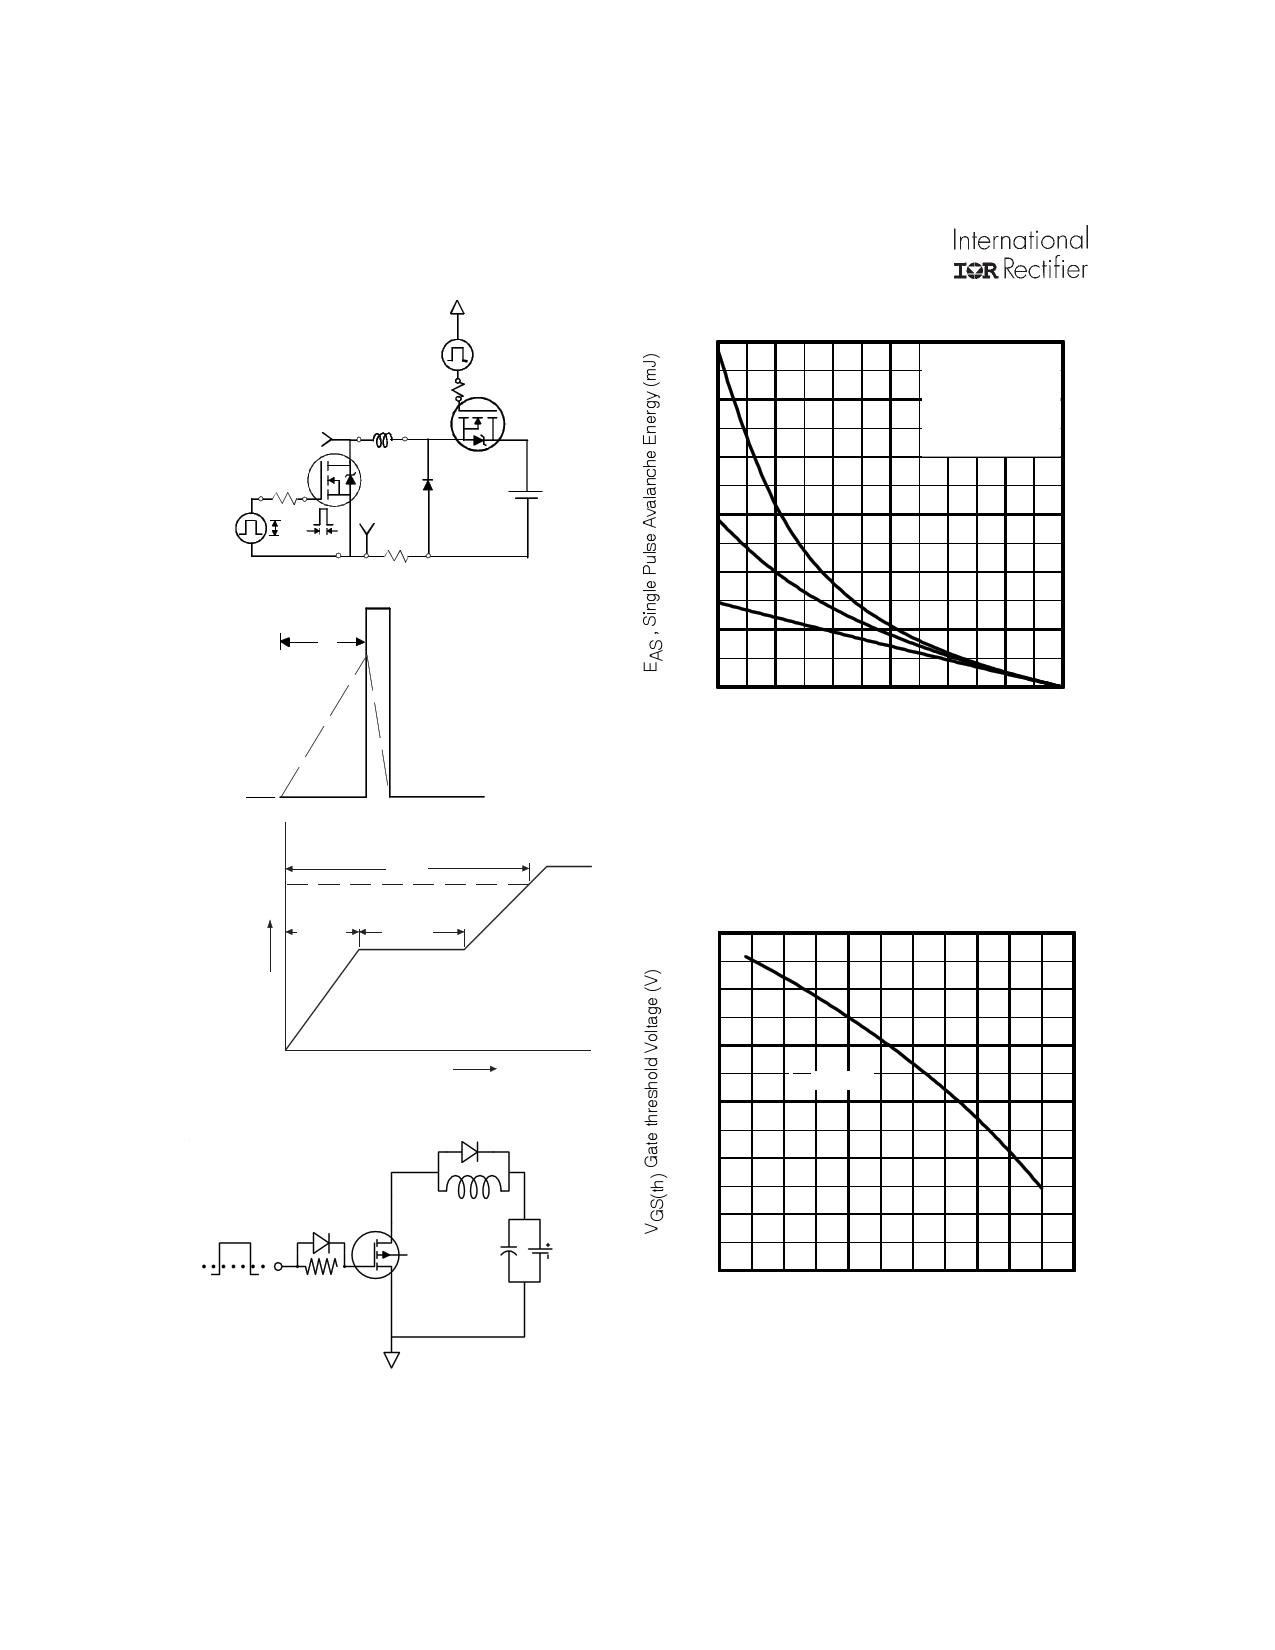 IRFZ48ZLPbF 電子部品, 半導体